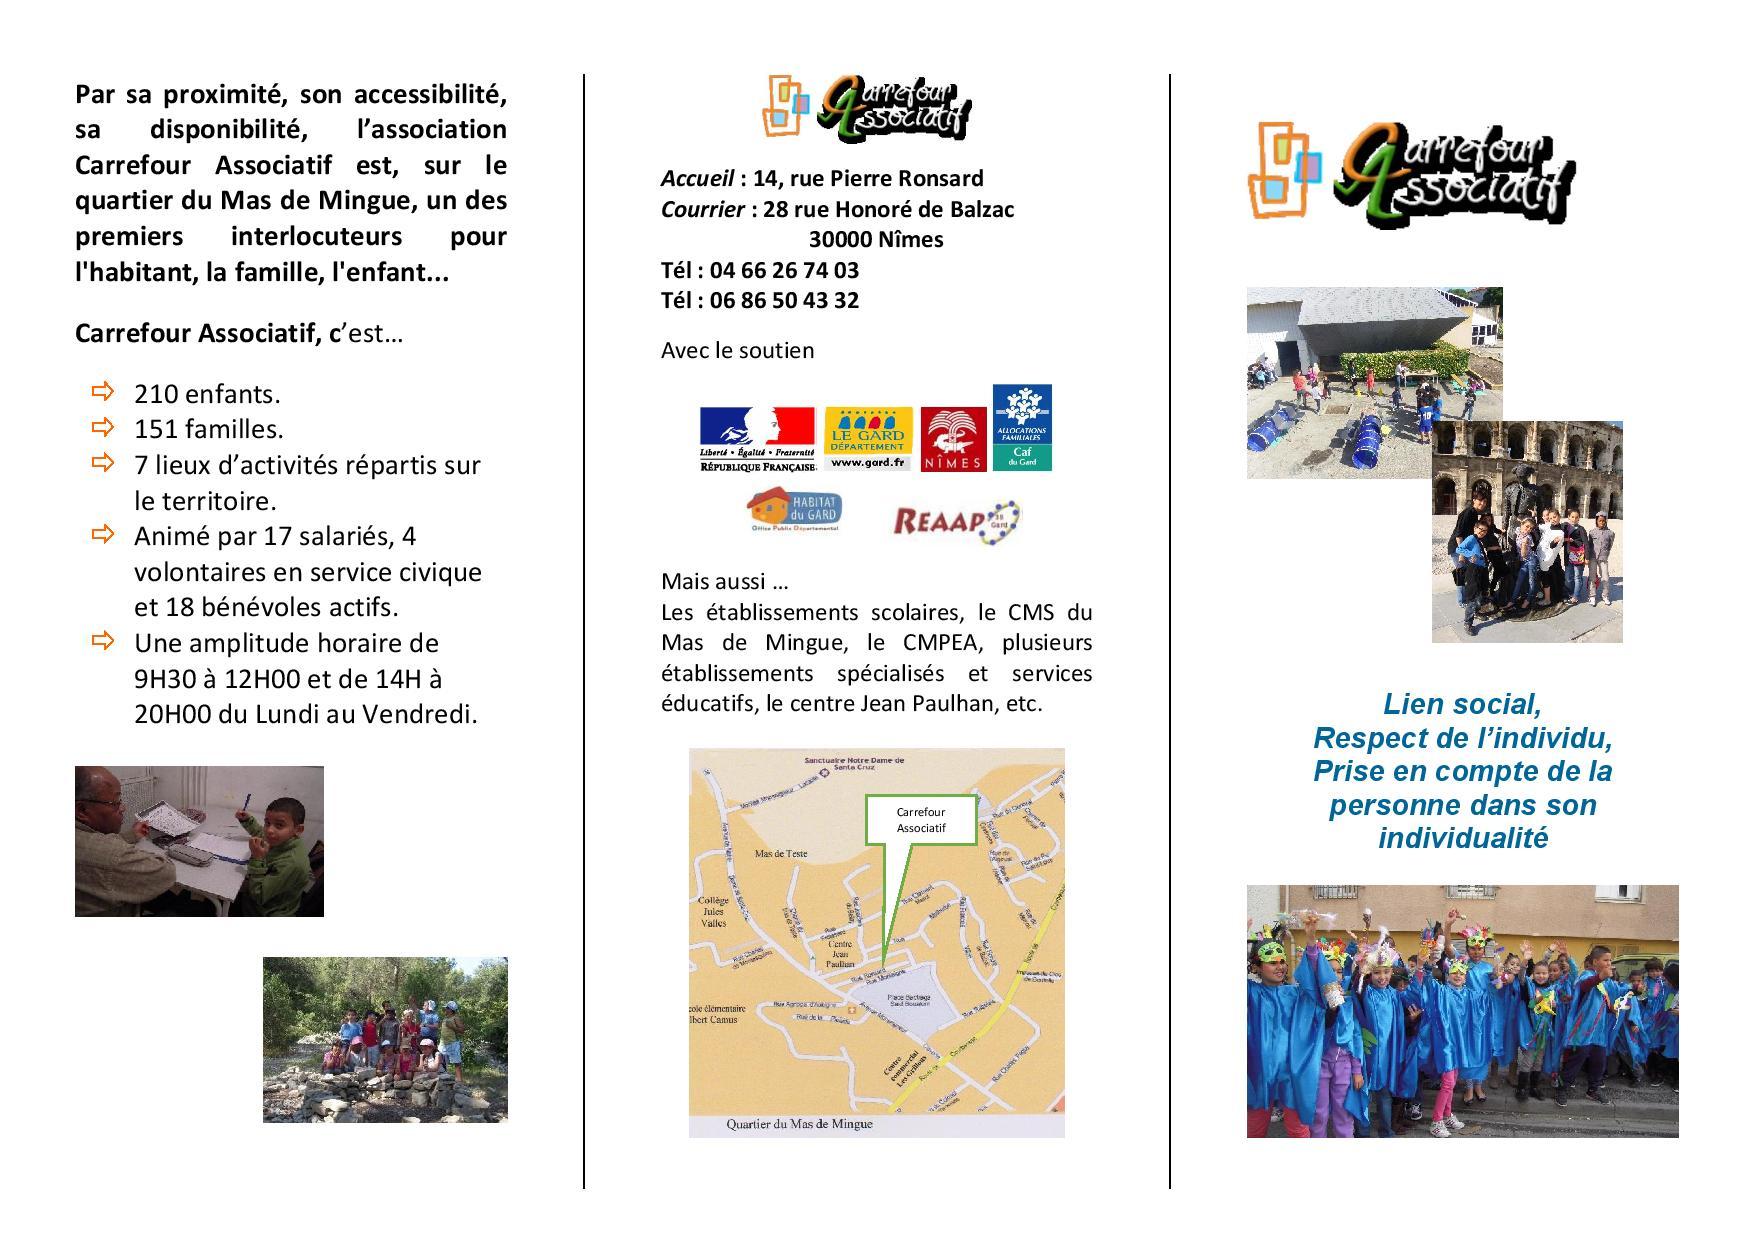 flyer-nouv-carrouf-associatif-page-001